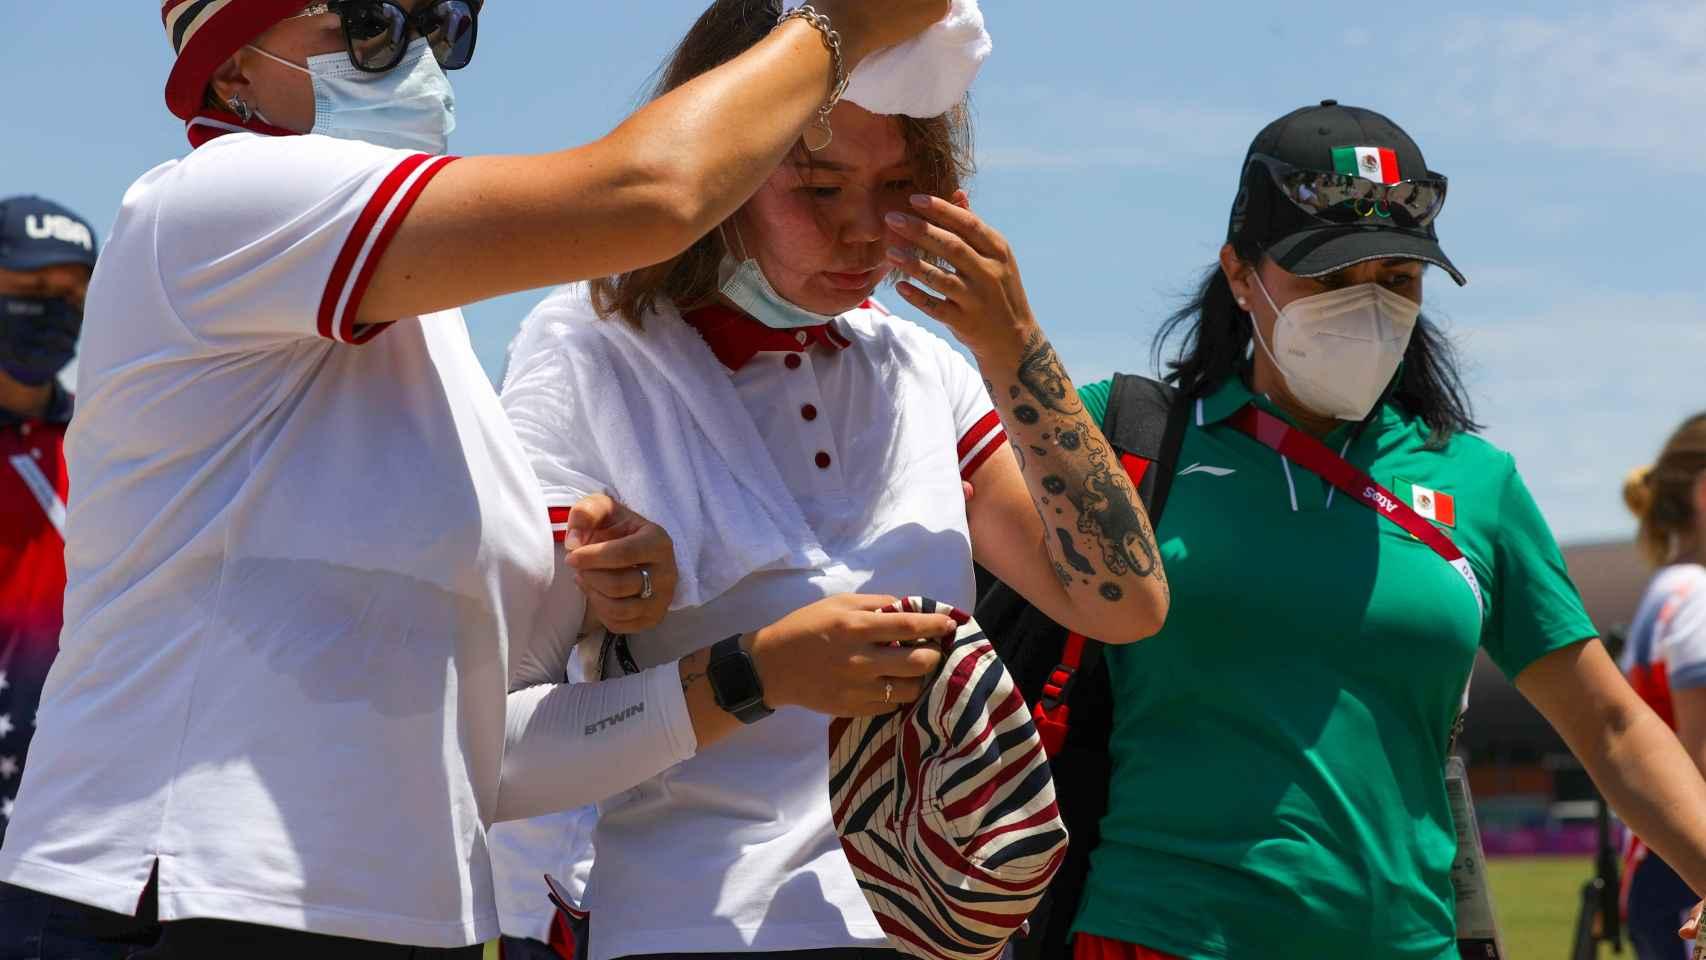 La arquera Svetlana Gomboeva tras sufrir un desvanecimiento en los JJOO de Tokio 2020